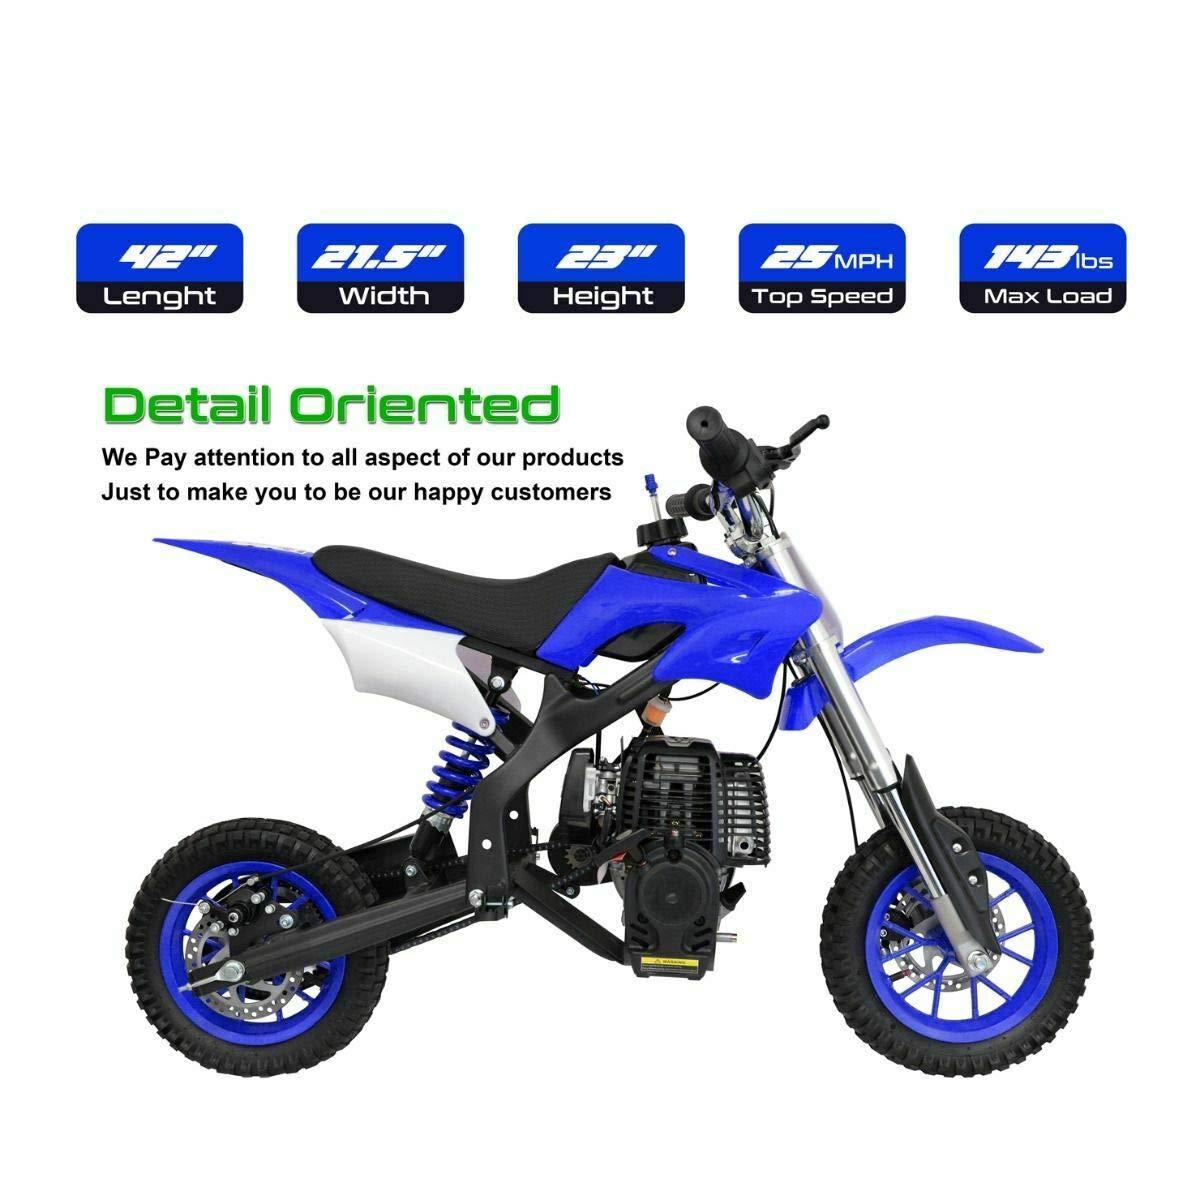 NHT ミニ 40CC ガスポケット ダートバイク オートバイ オフロード 自動プルスタート付き 44インチ x 28インチ ブルー